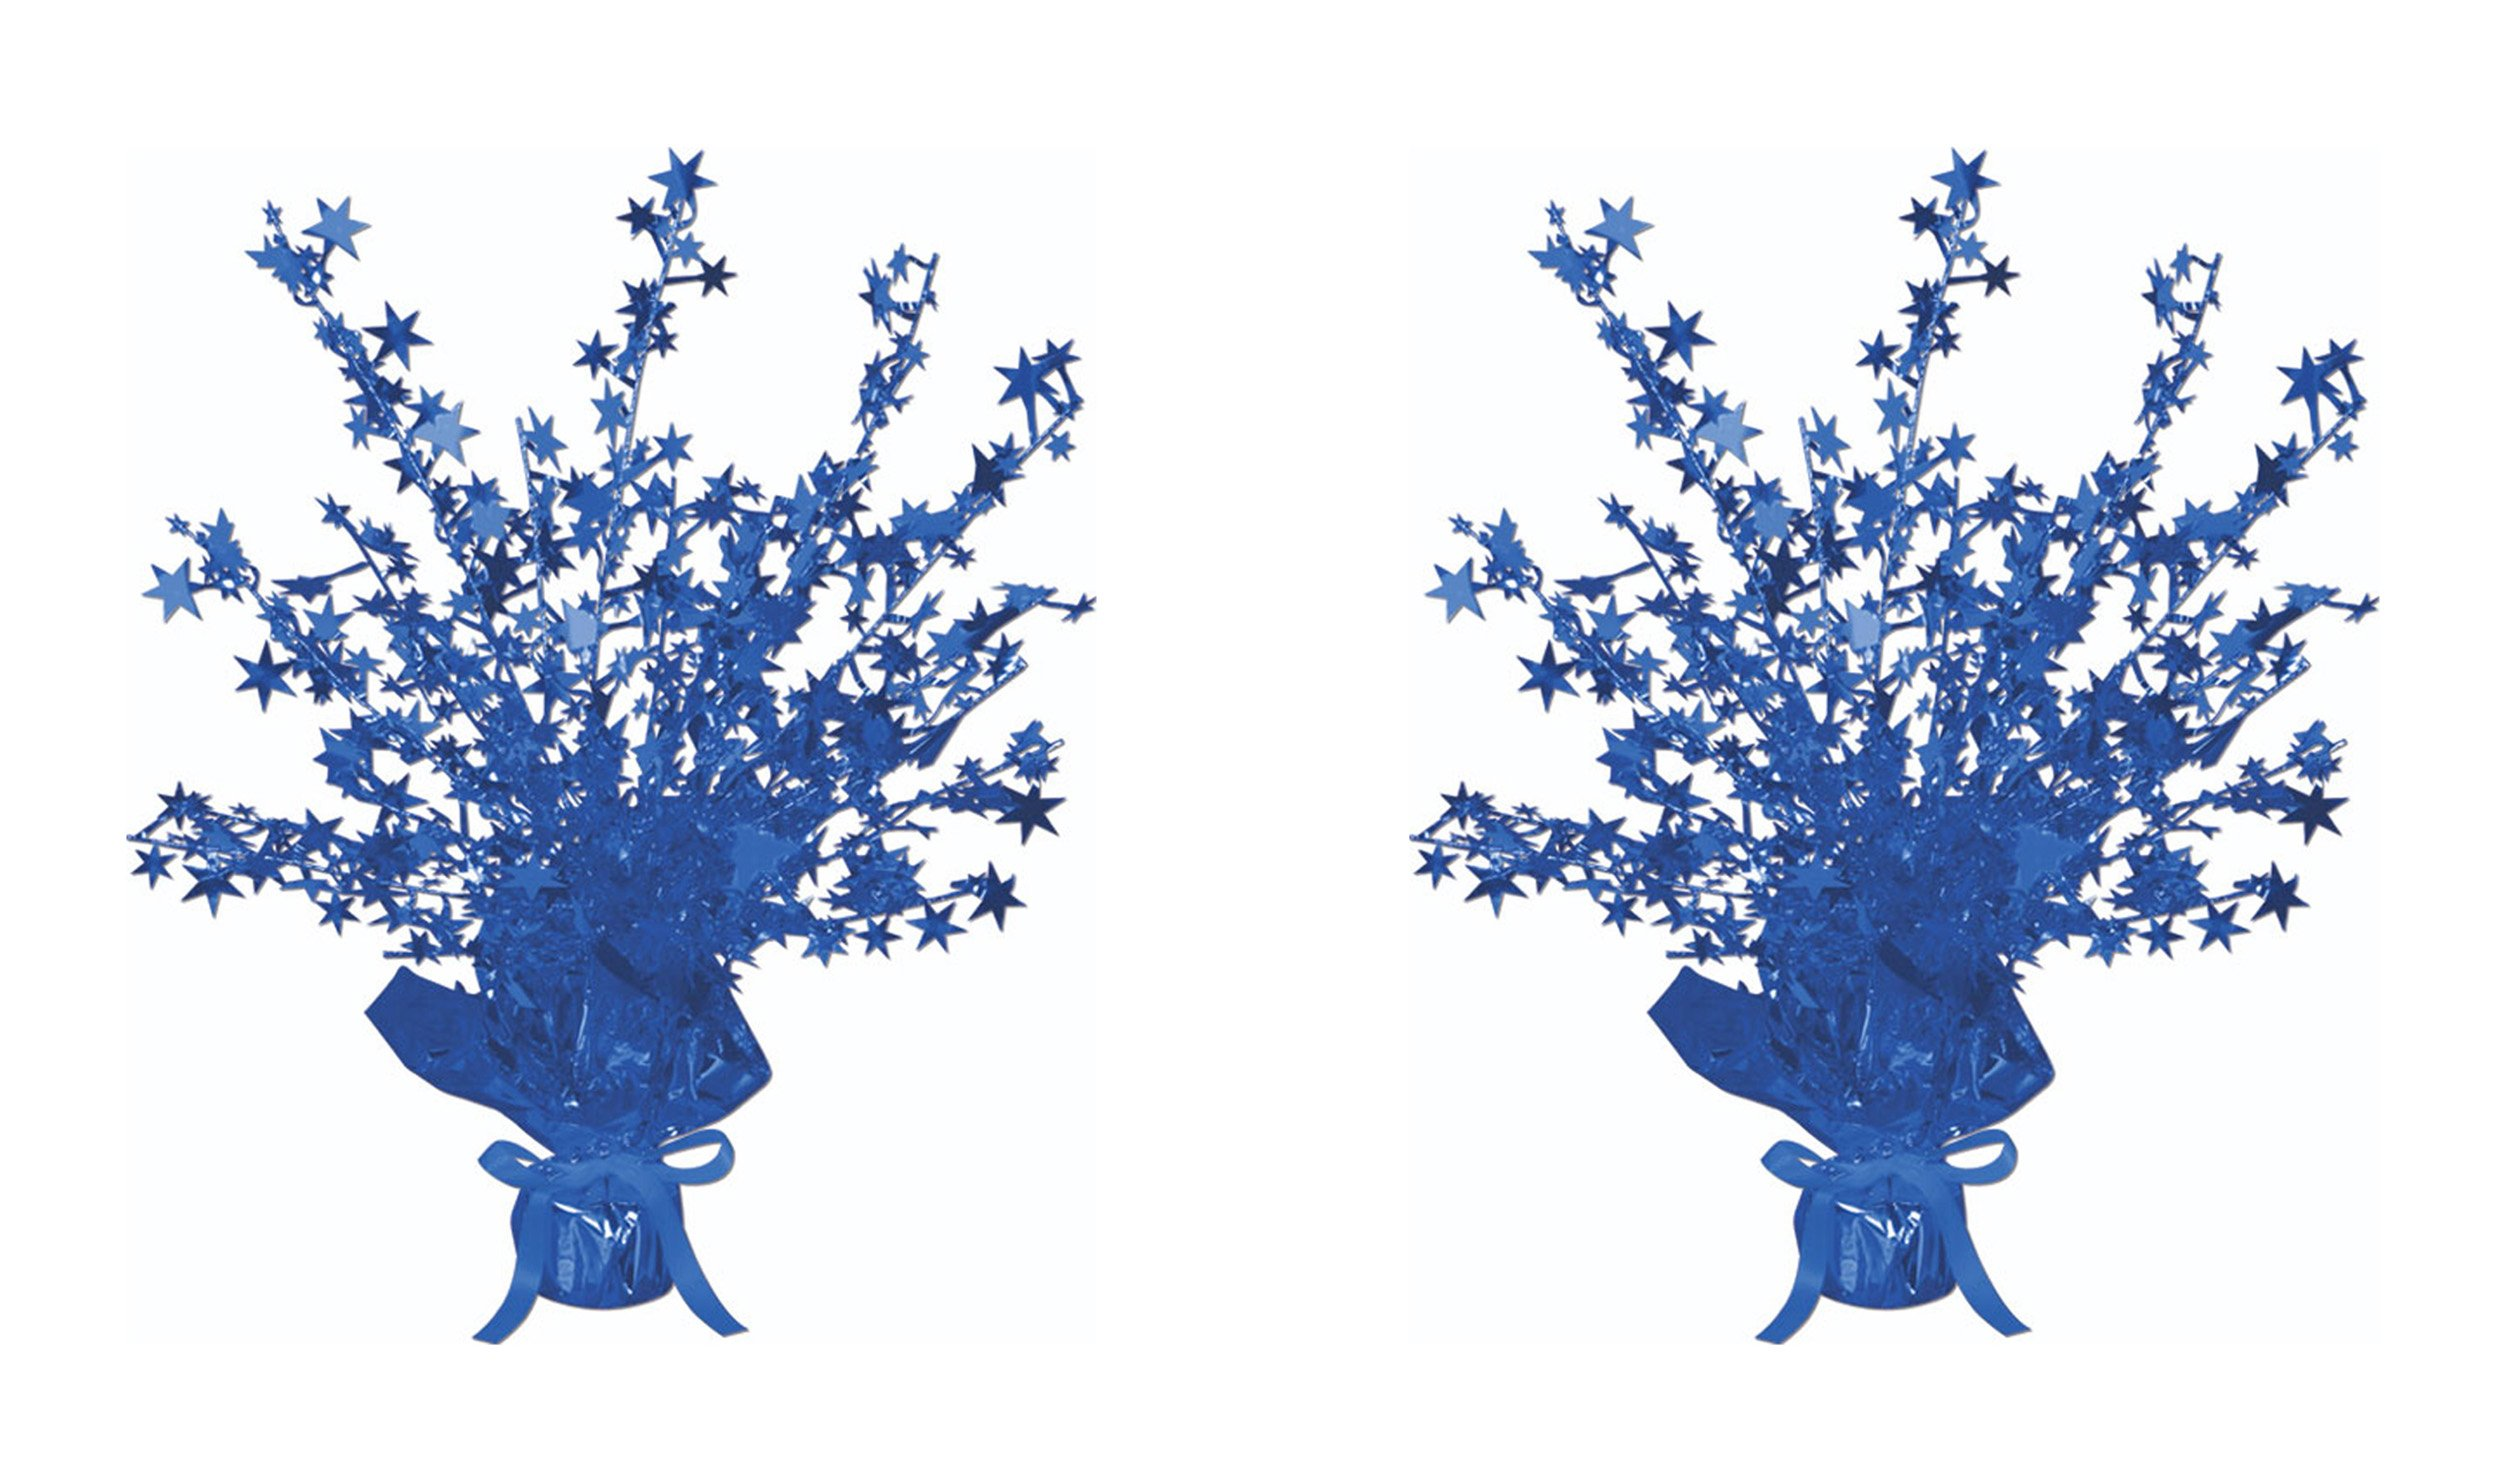 Beistle S50806BAZ2, 2 Piece Star Gleam 'N Burst Centerpieces, 15'' (Blue)